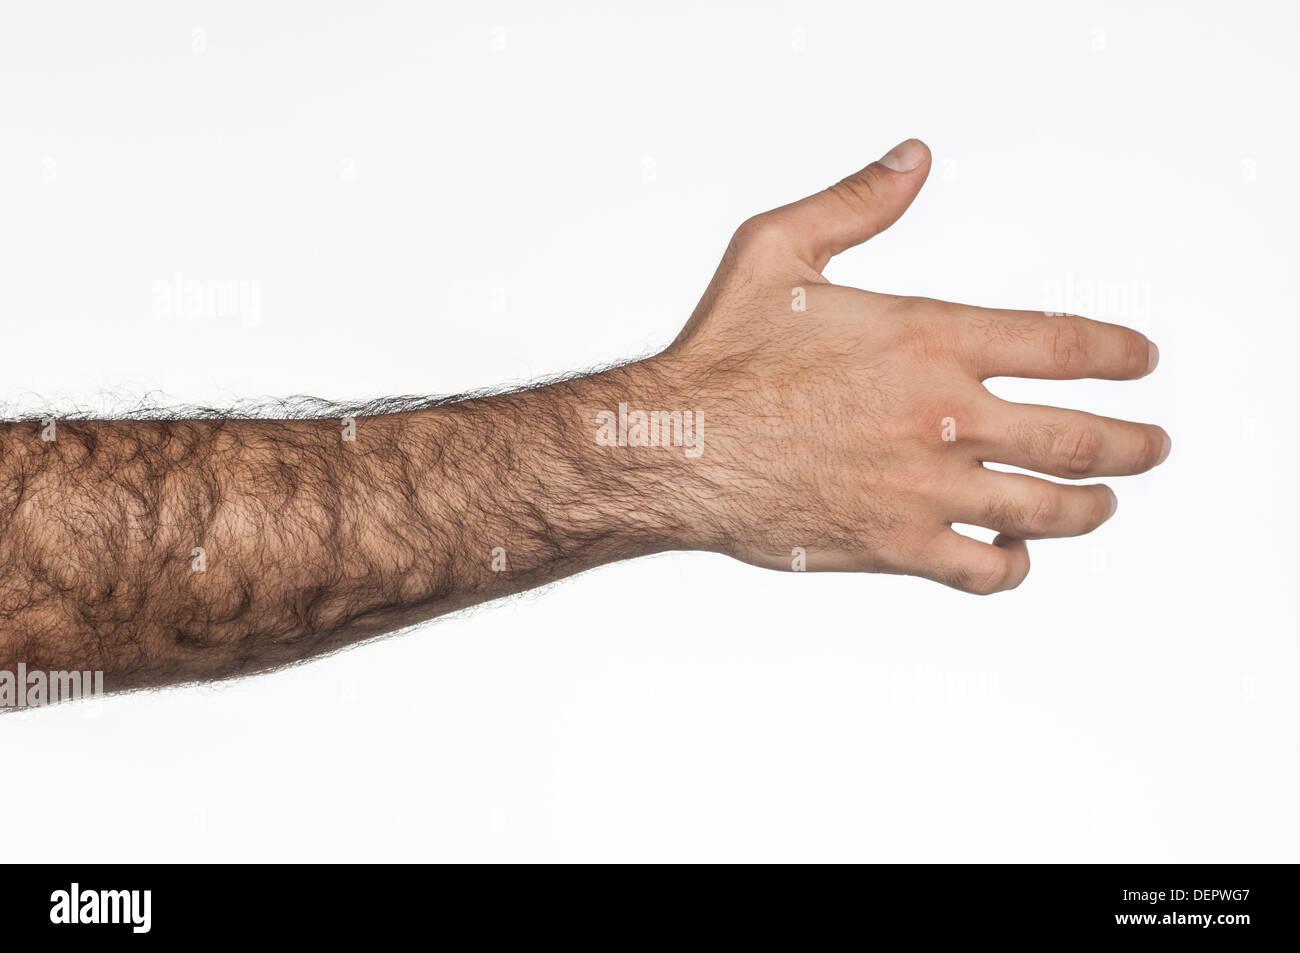 Very hairy thumbs